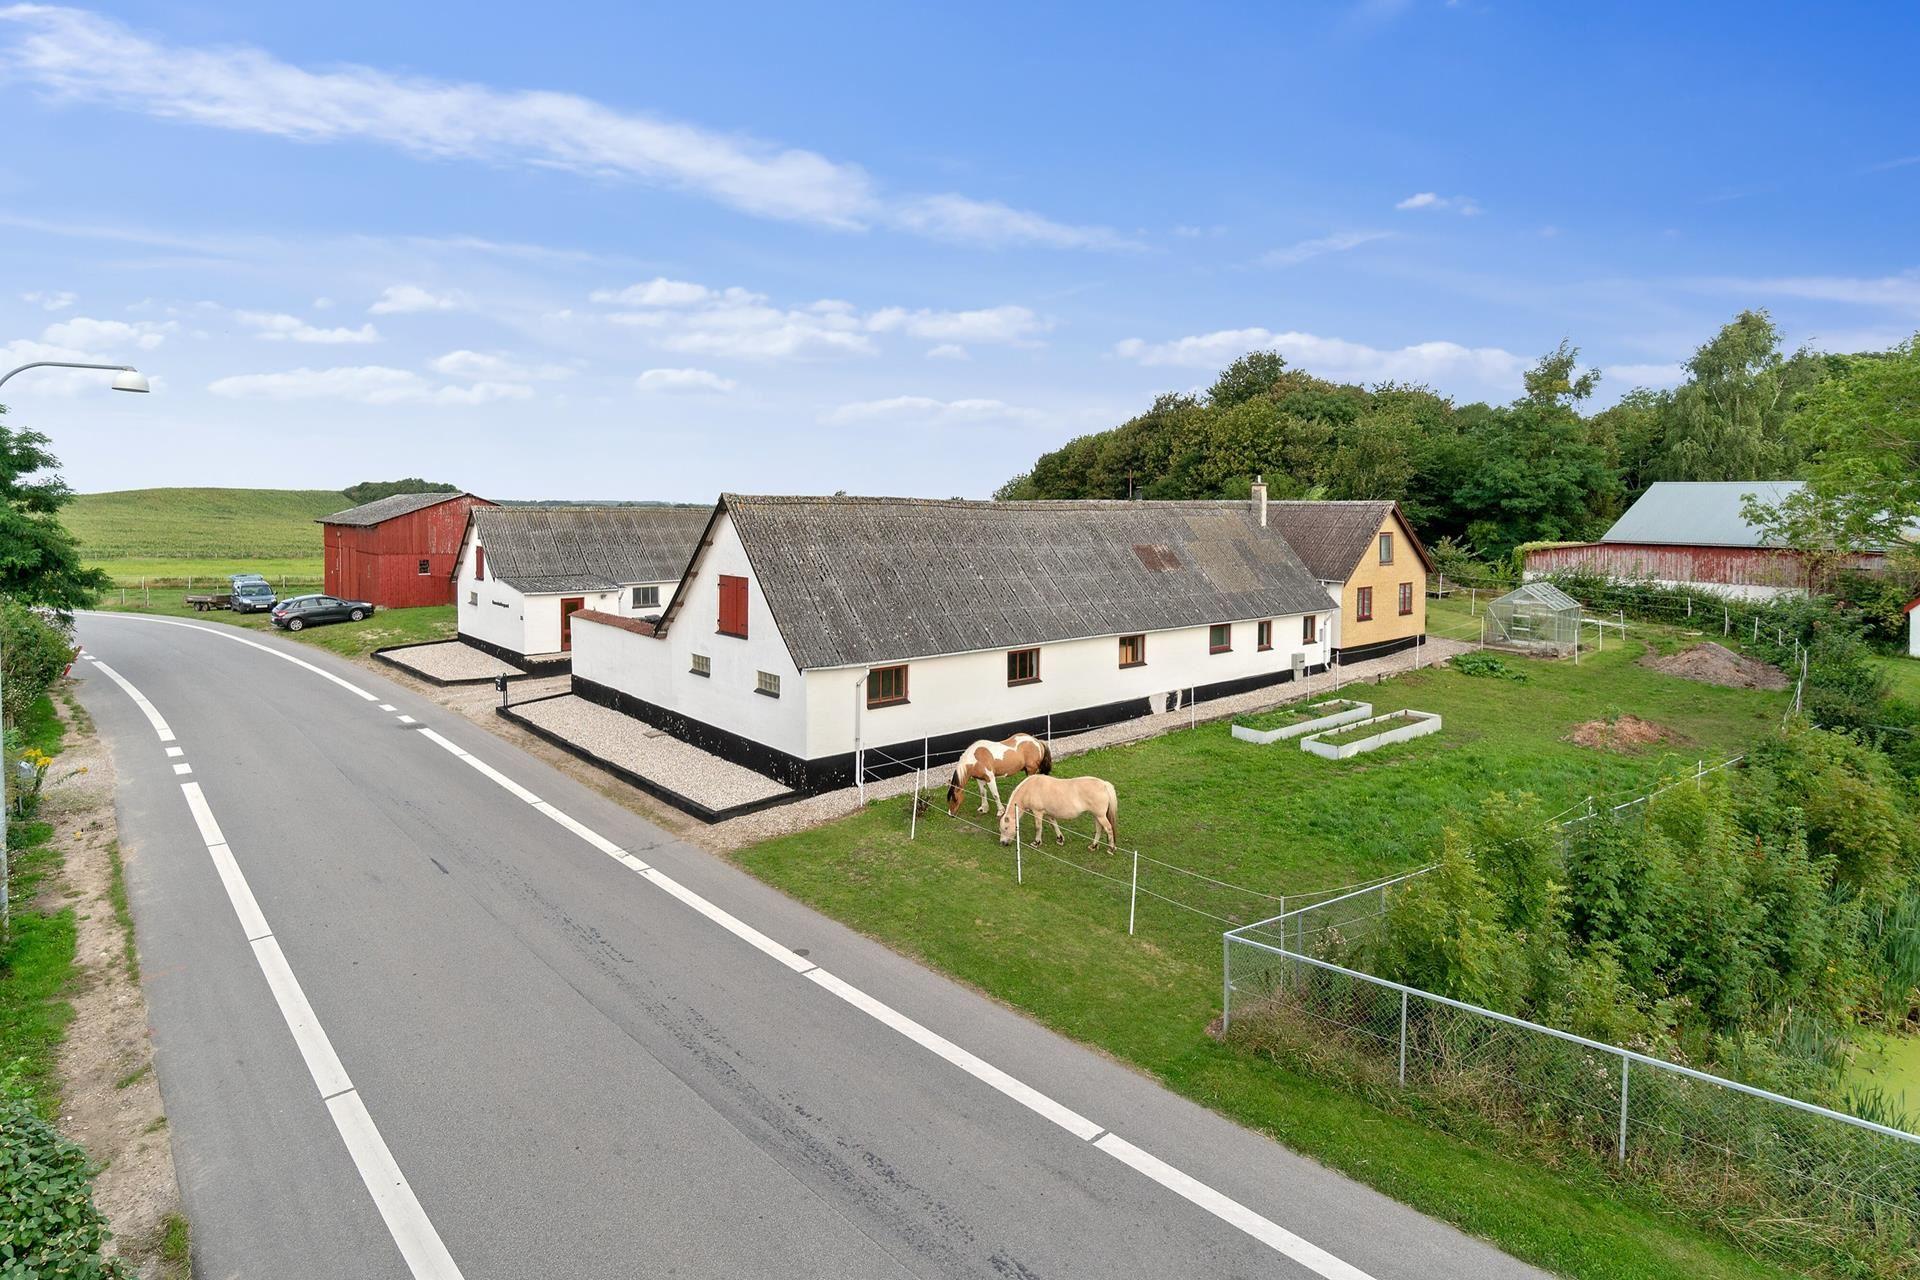 Nørupvej 33, Søstrup, 4300 Holbæk